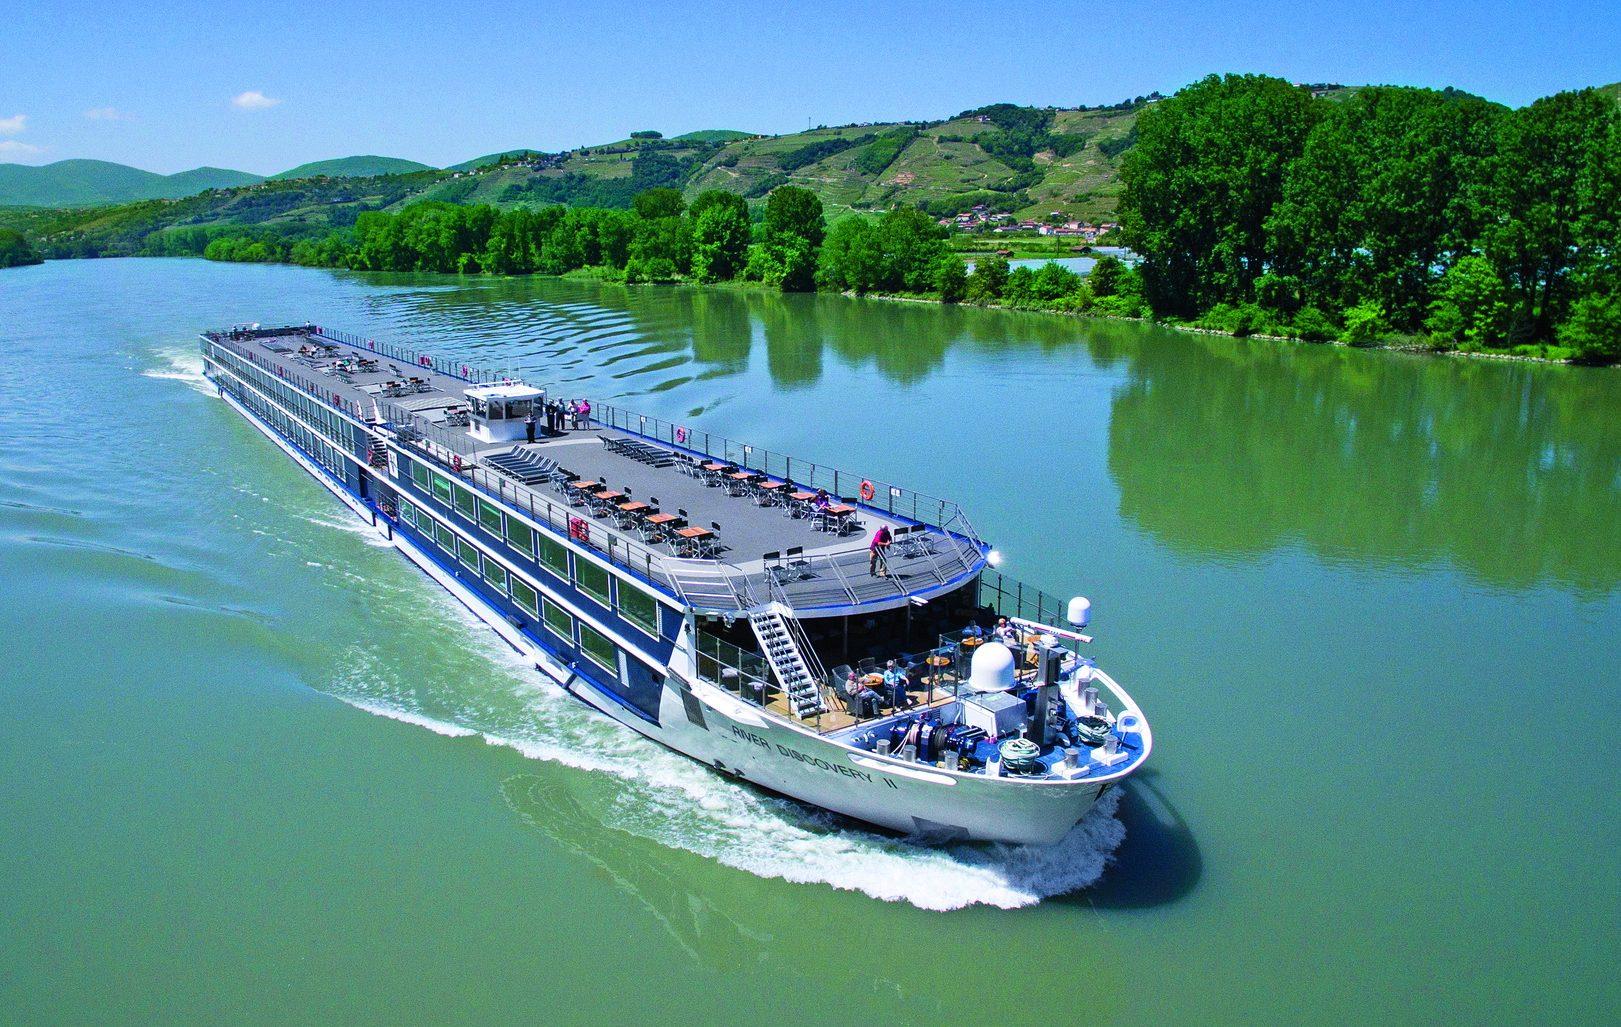 Danske CruiseAway, der blandt andet chartrer skibe til krydstogter på europæiske floder, er krakket. ImageBank-foto fra CruiseAway.